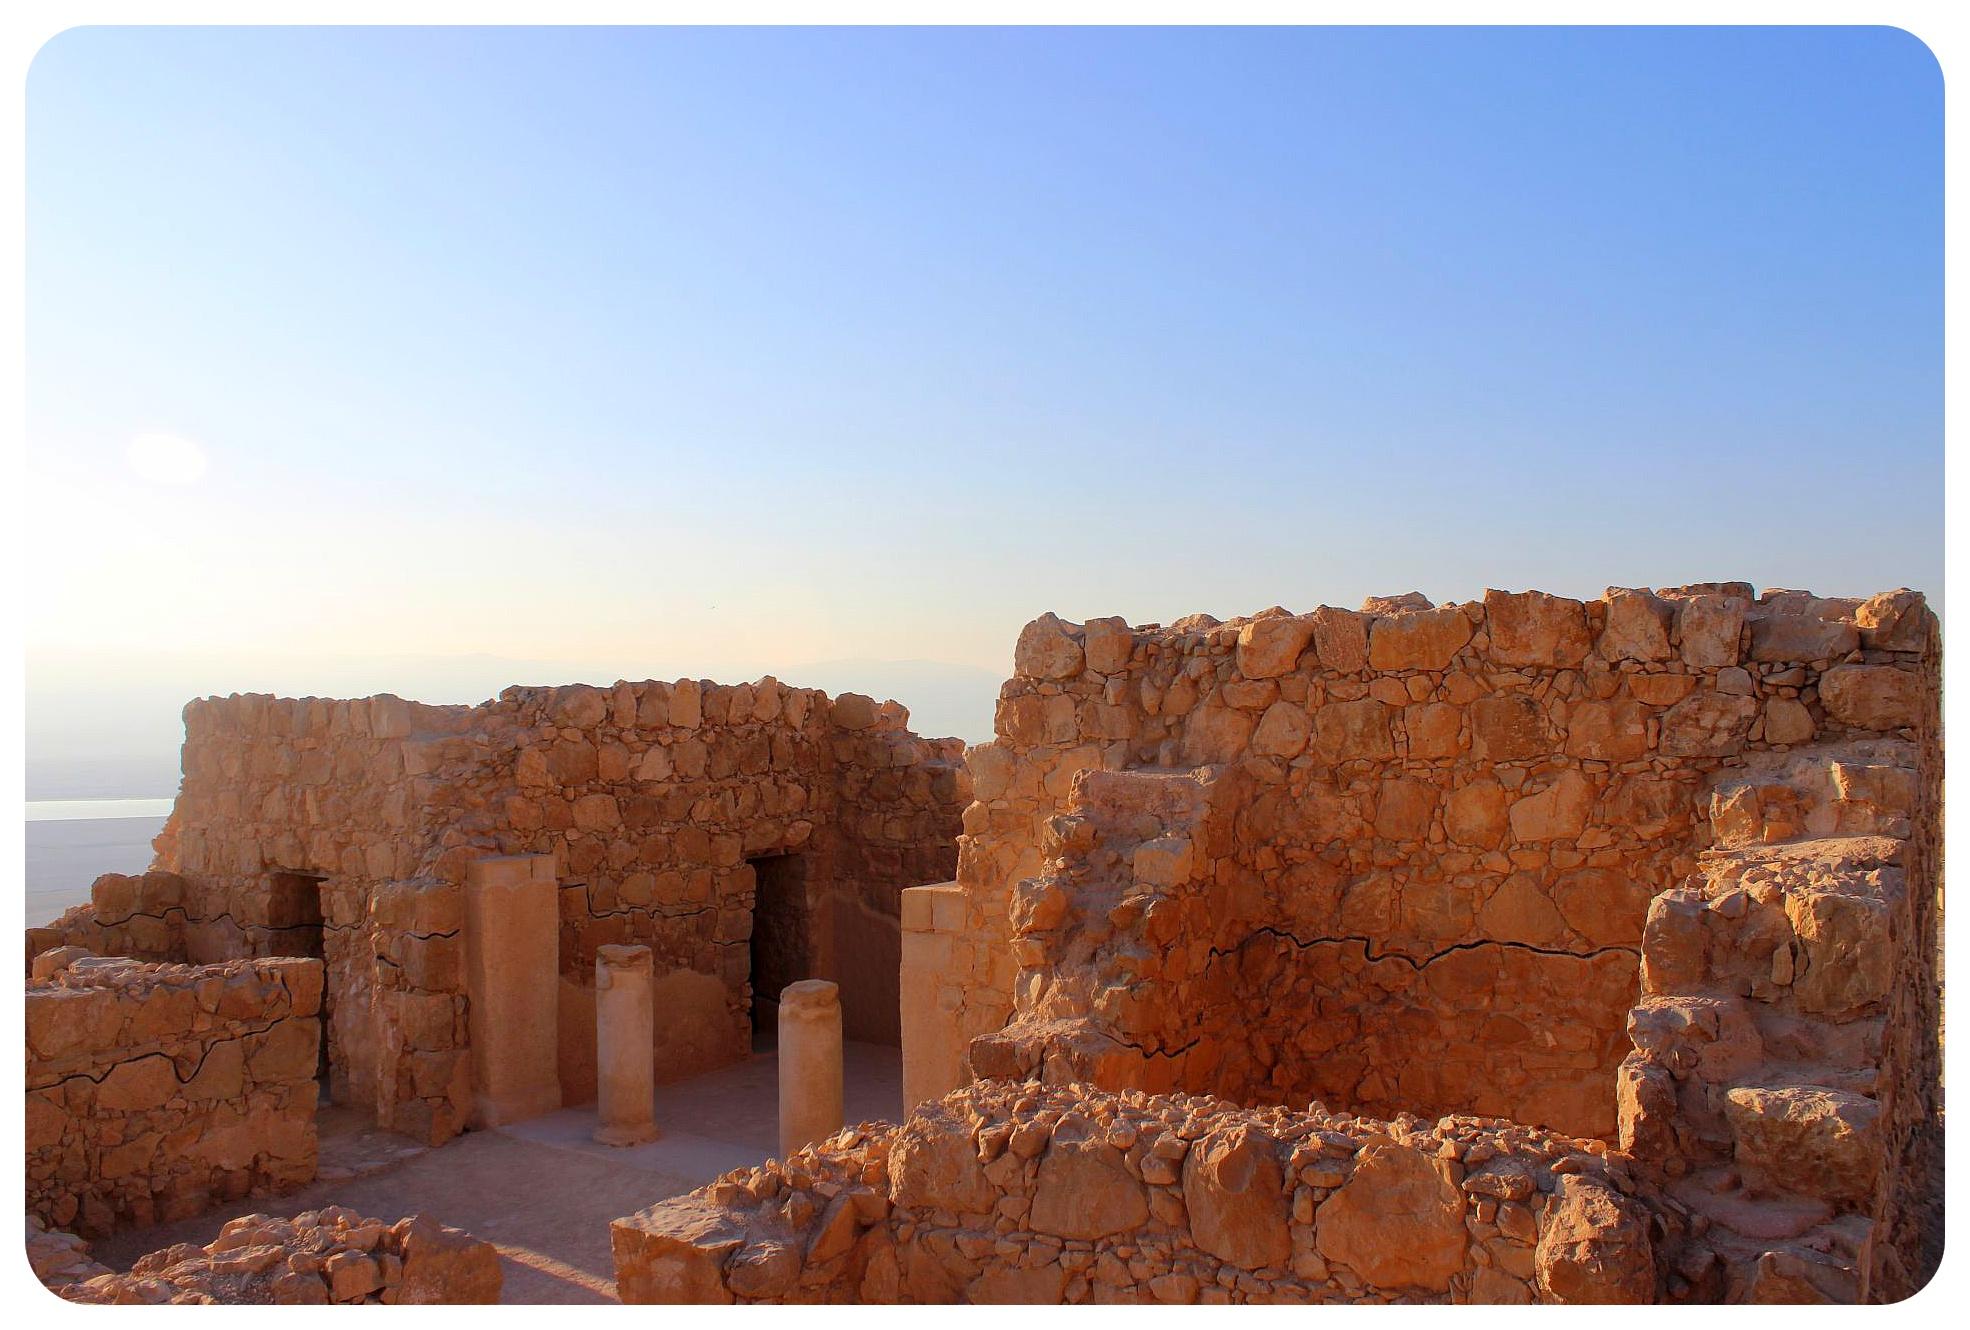 masada ruins israel